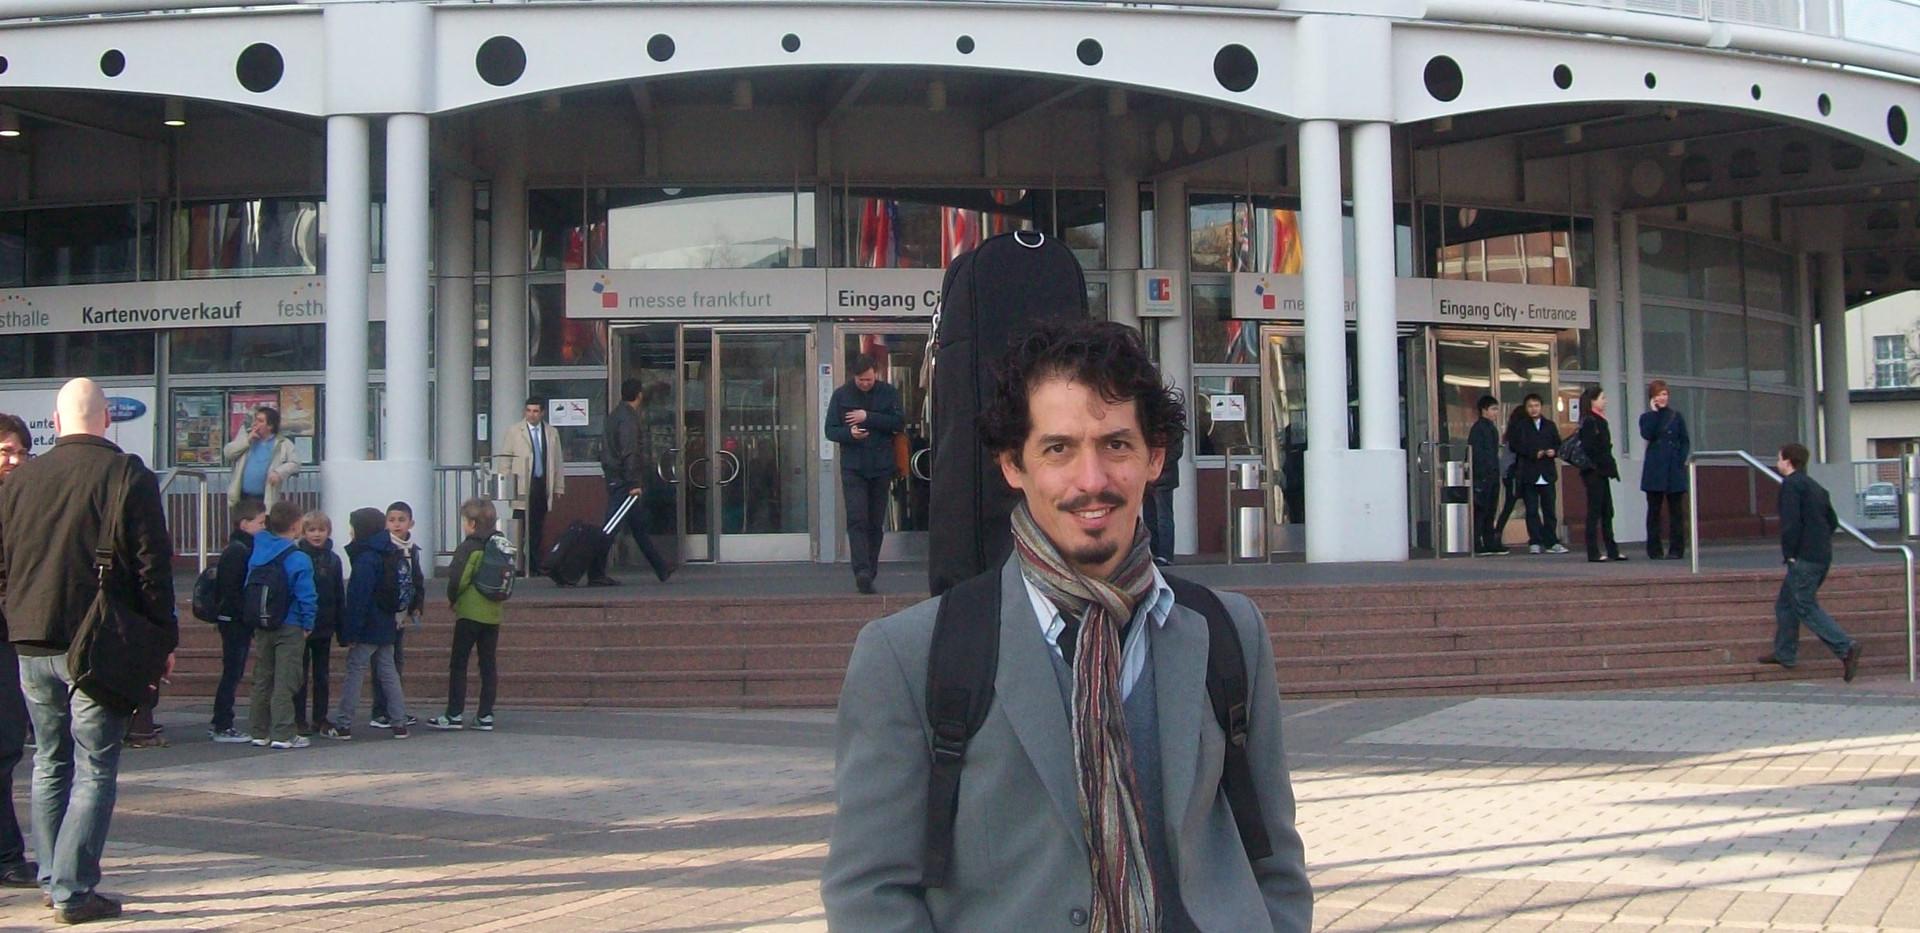 Exposición en Musicmesse Frankfurt - Alemania